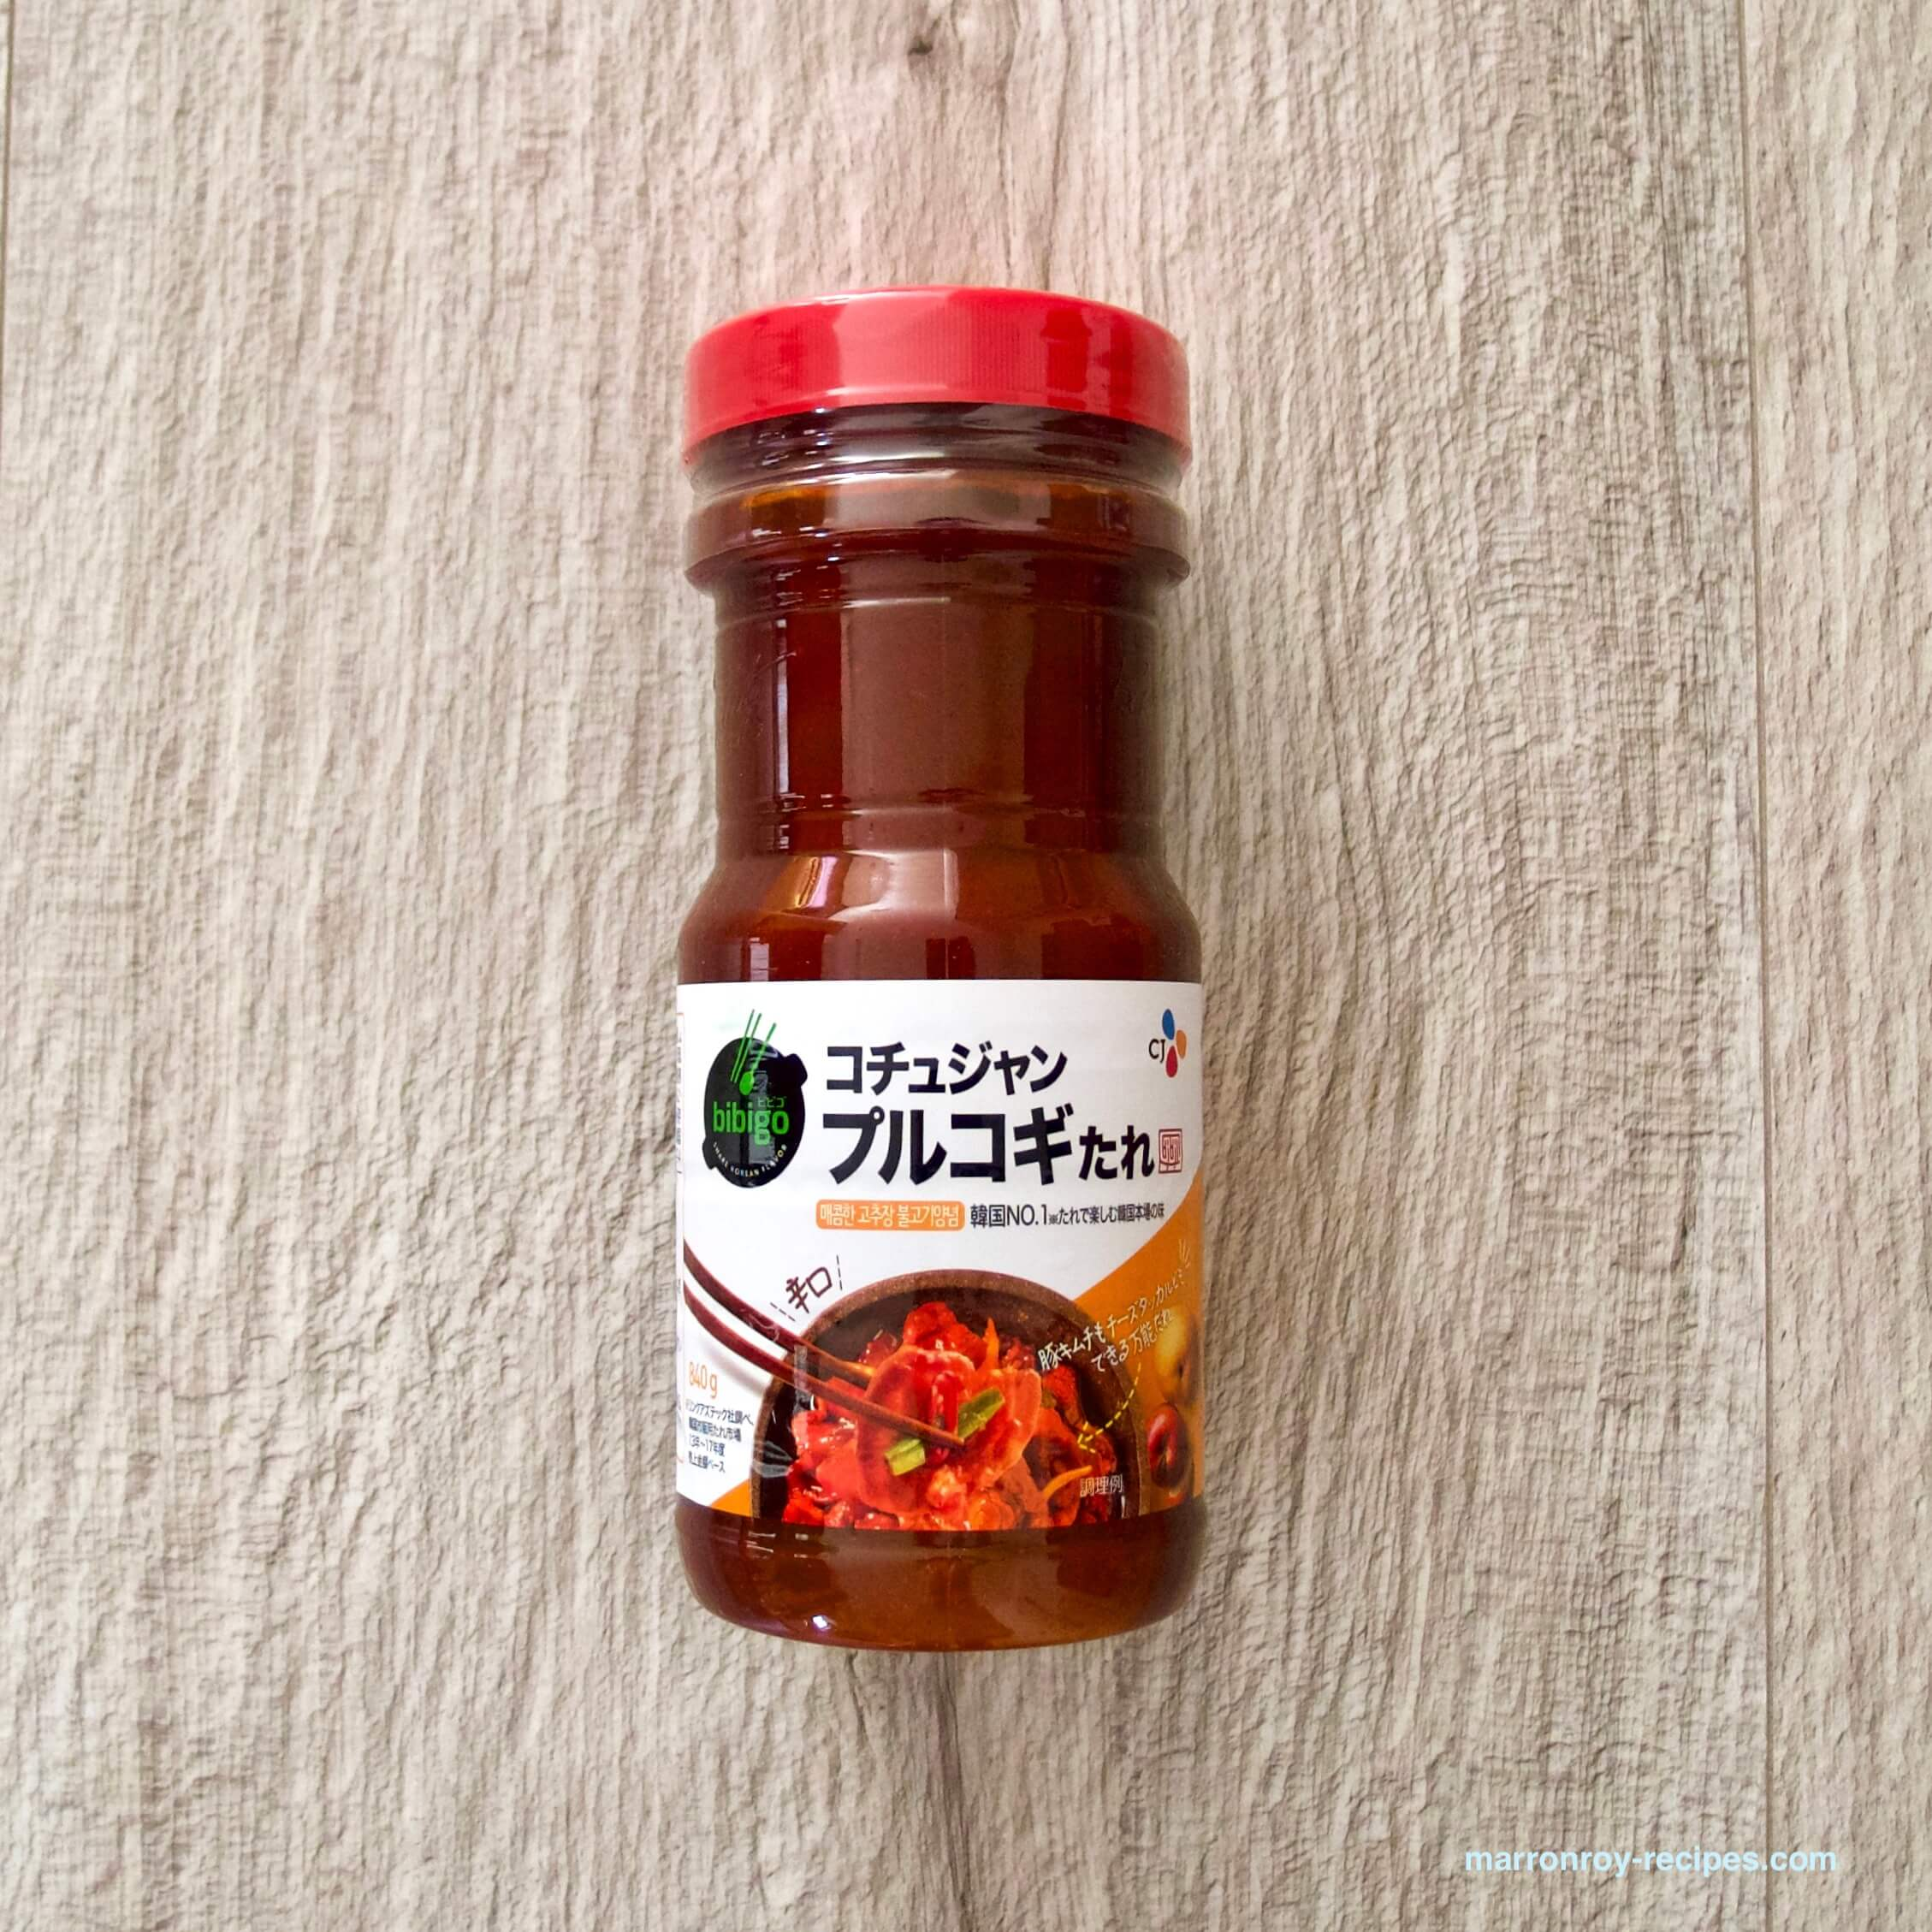 """コストコの調味料""""bibigo(ビビゴ)コチュジャン プルコギたれ""""でプルコギビーフ"""